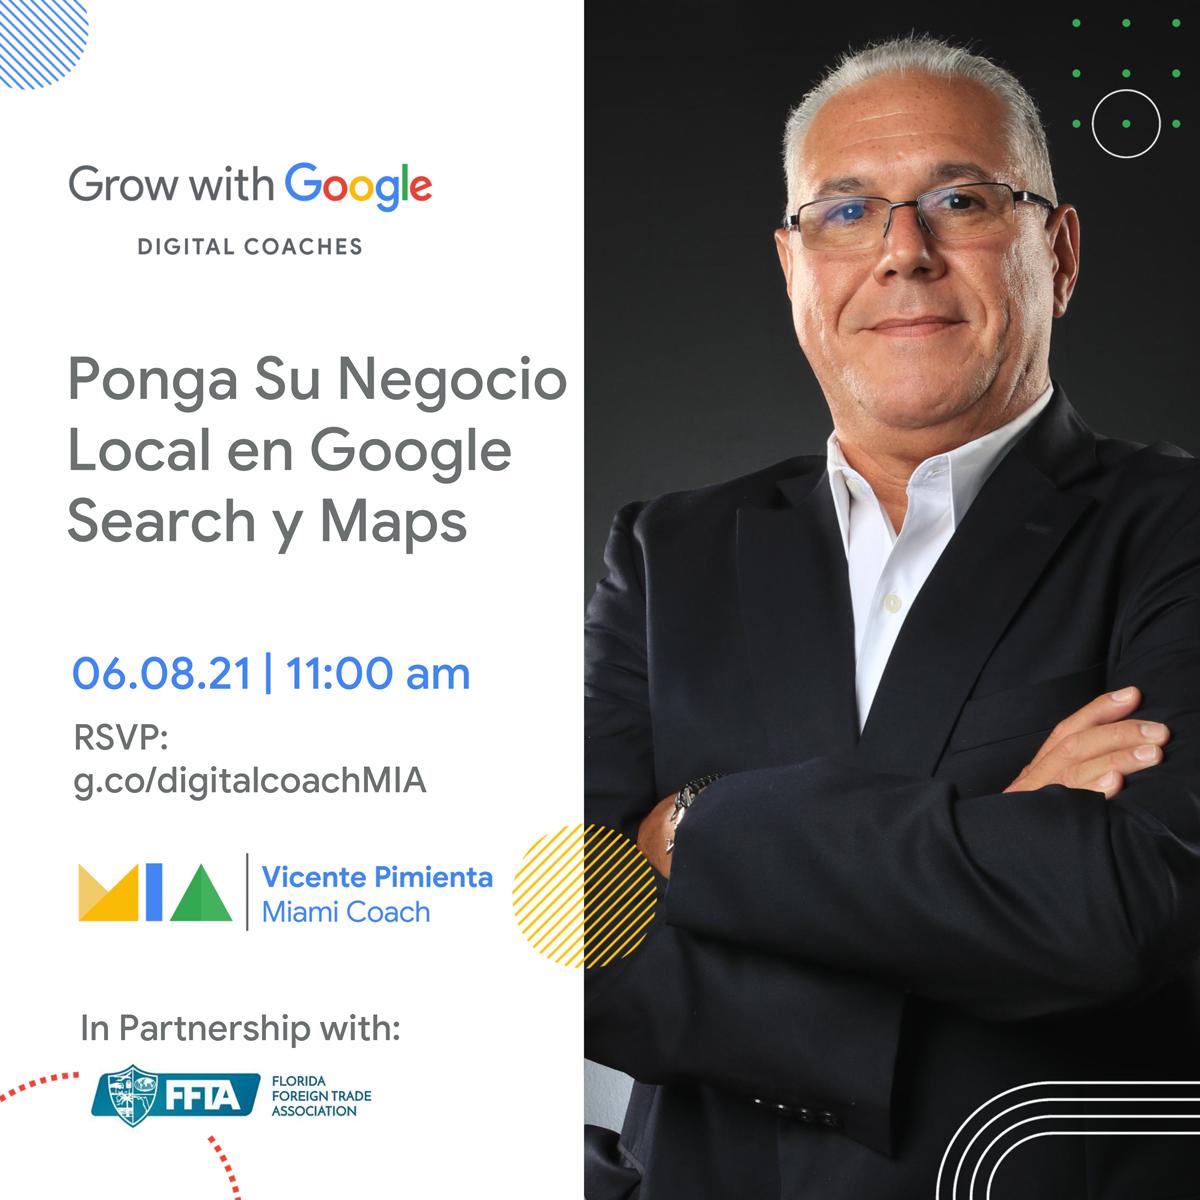 El Mapa de Google es tu tarjeta de presentación